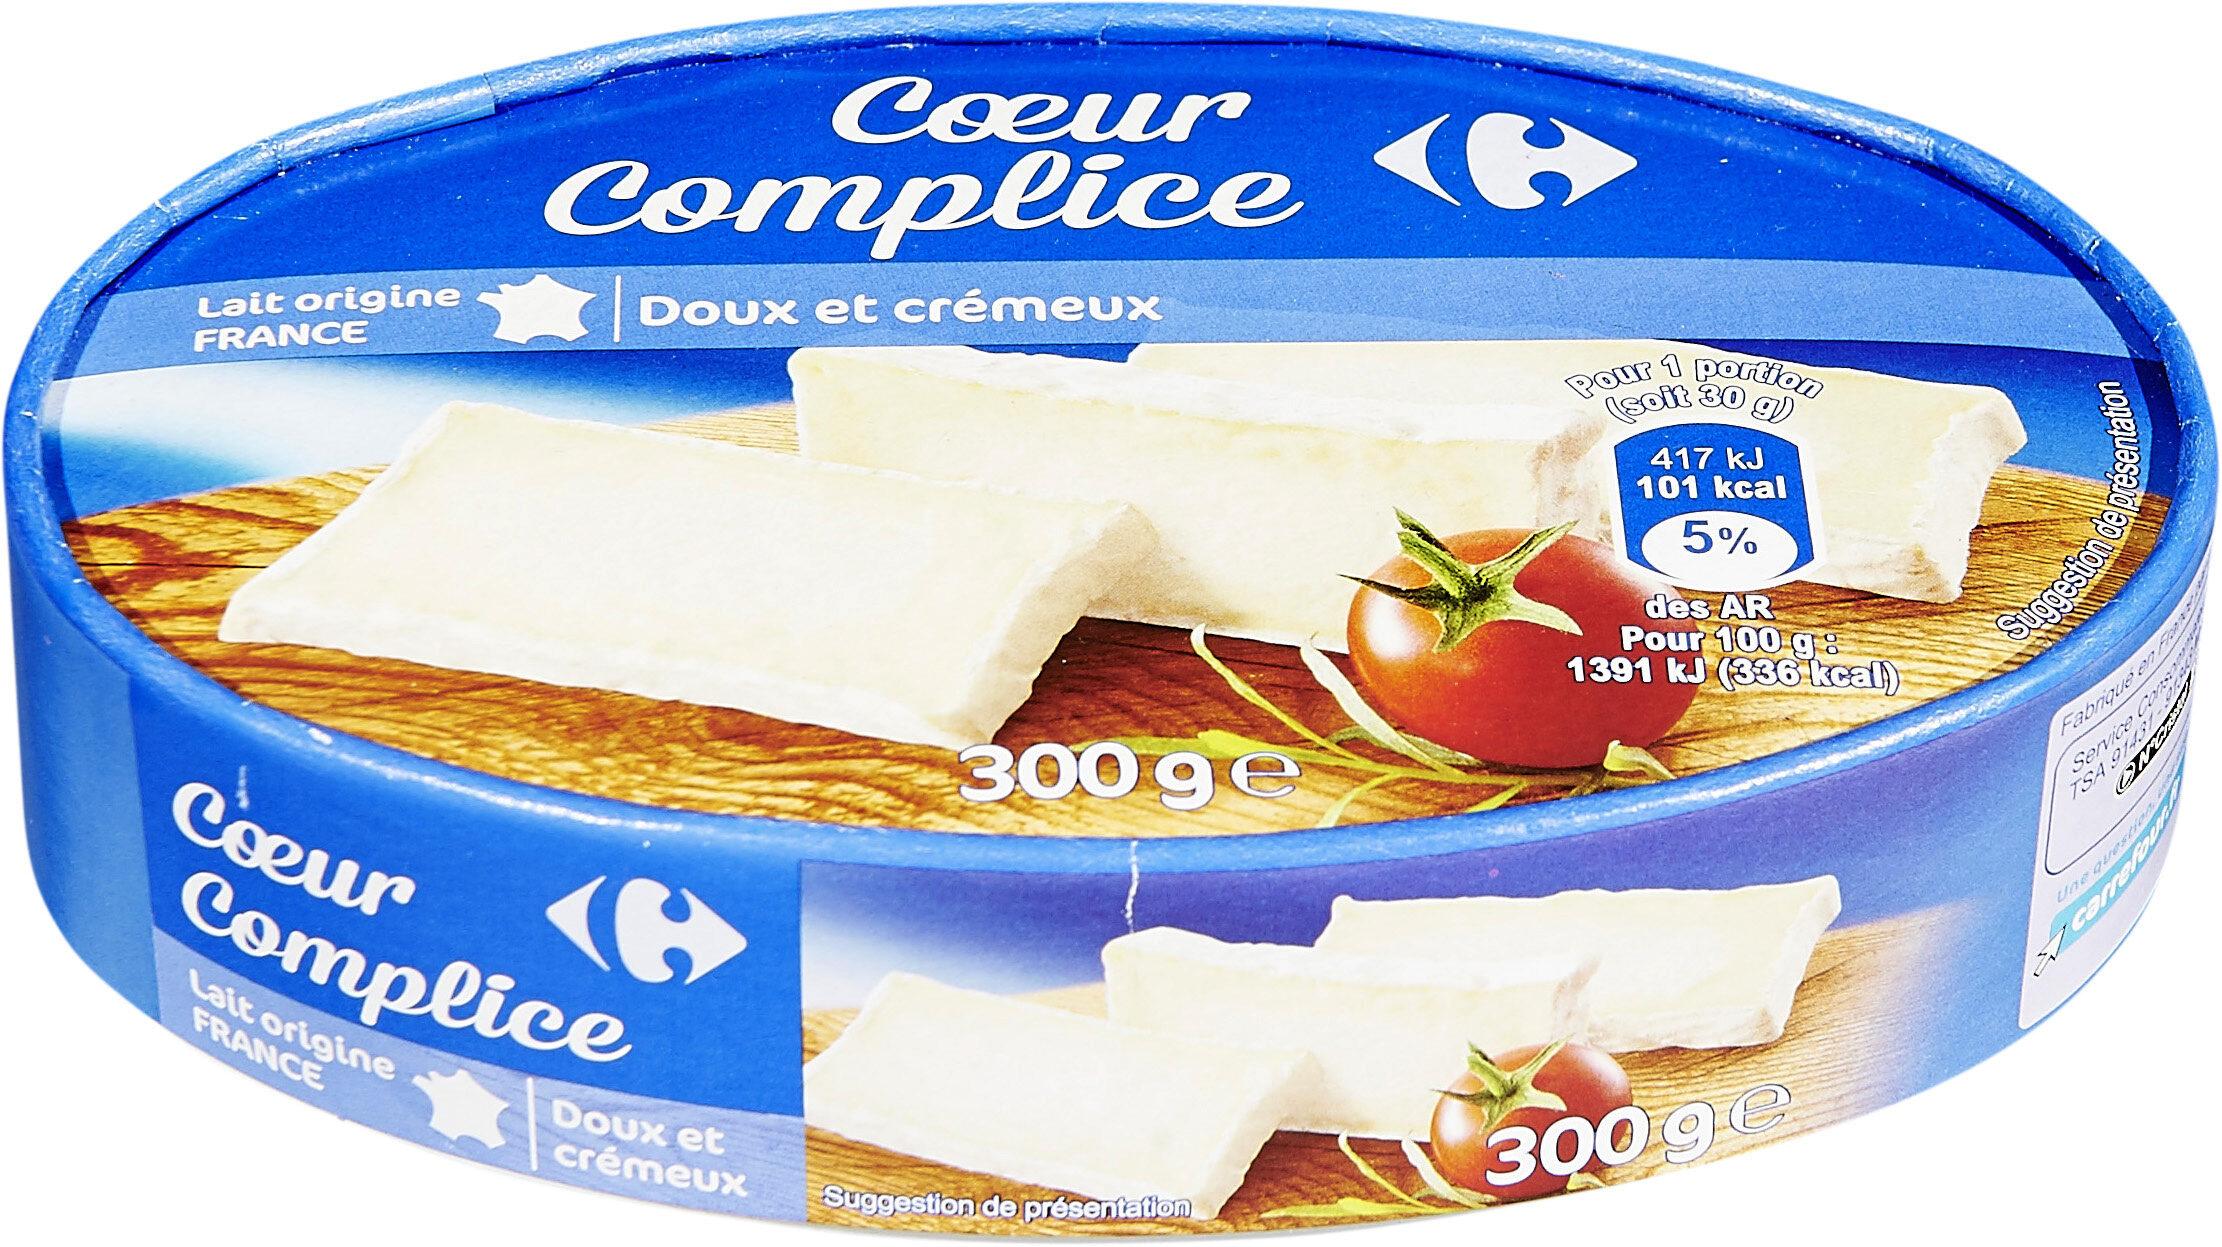 Cœur complice - Fromage double crème - Product - fr